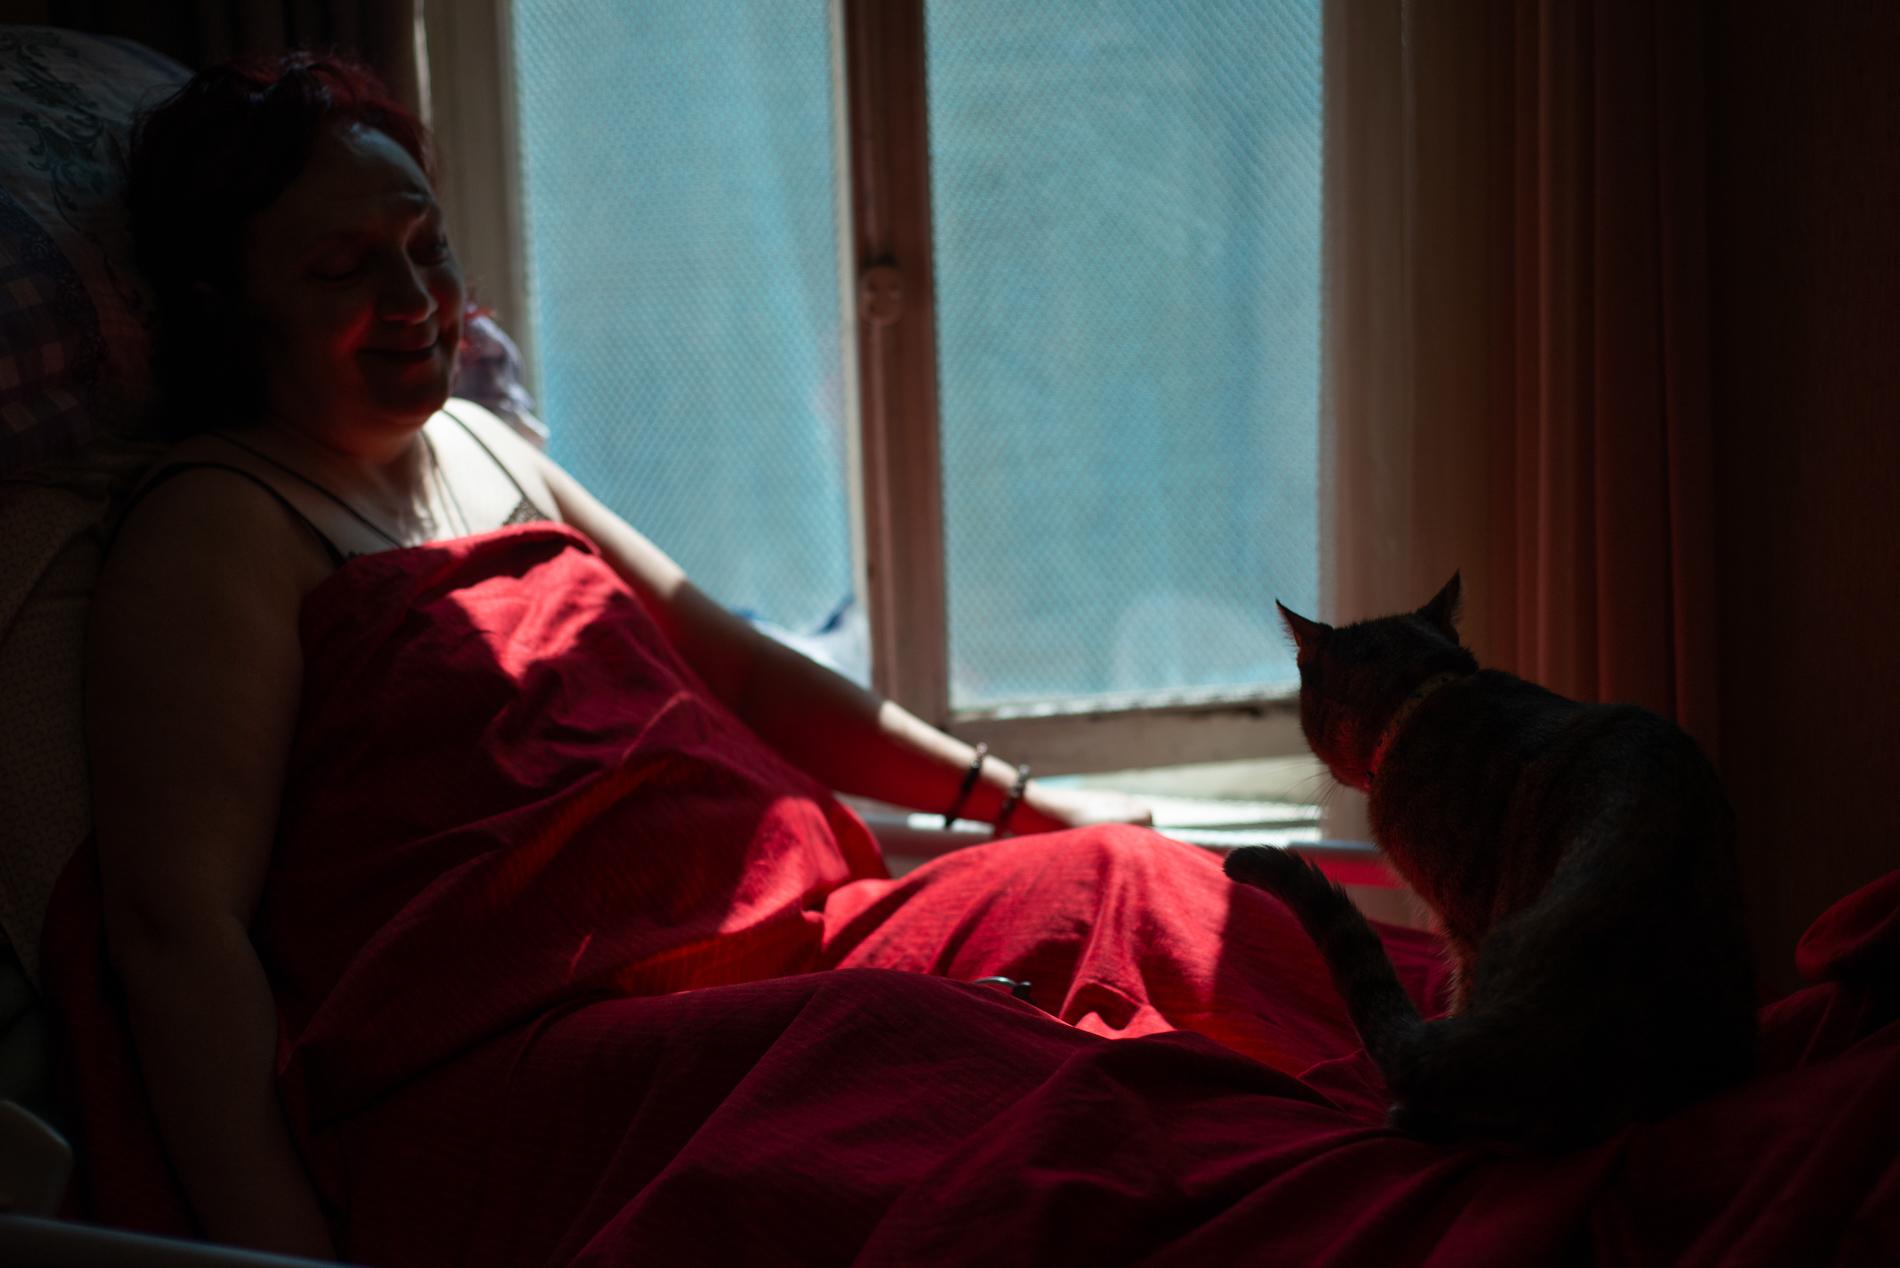 Инга много времени проводит в постели. Виктория, семейная кошка, — её постоянный спутник. Фото: Тамуна Чкареули / OC Media.